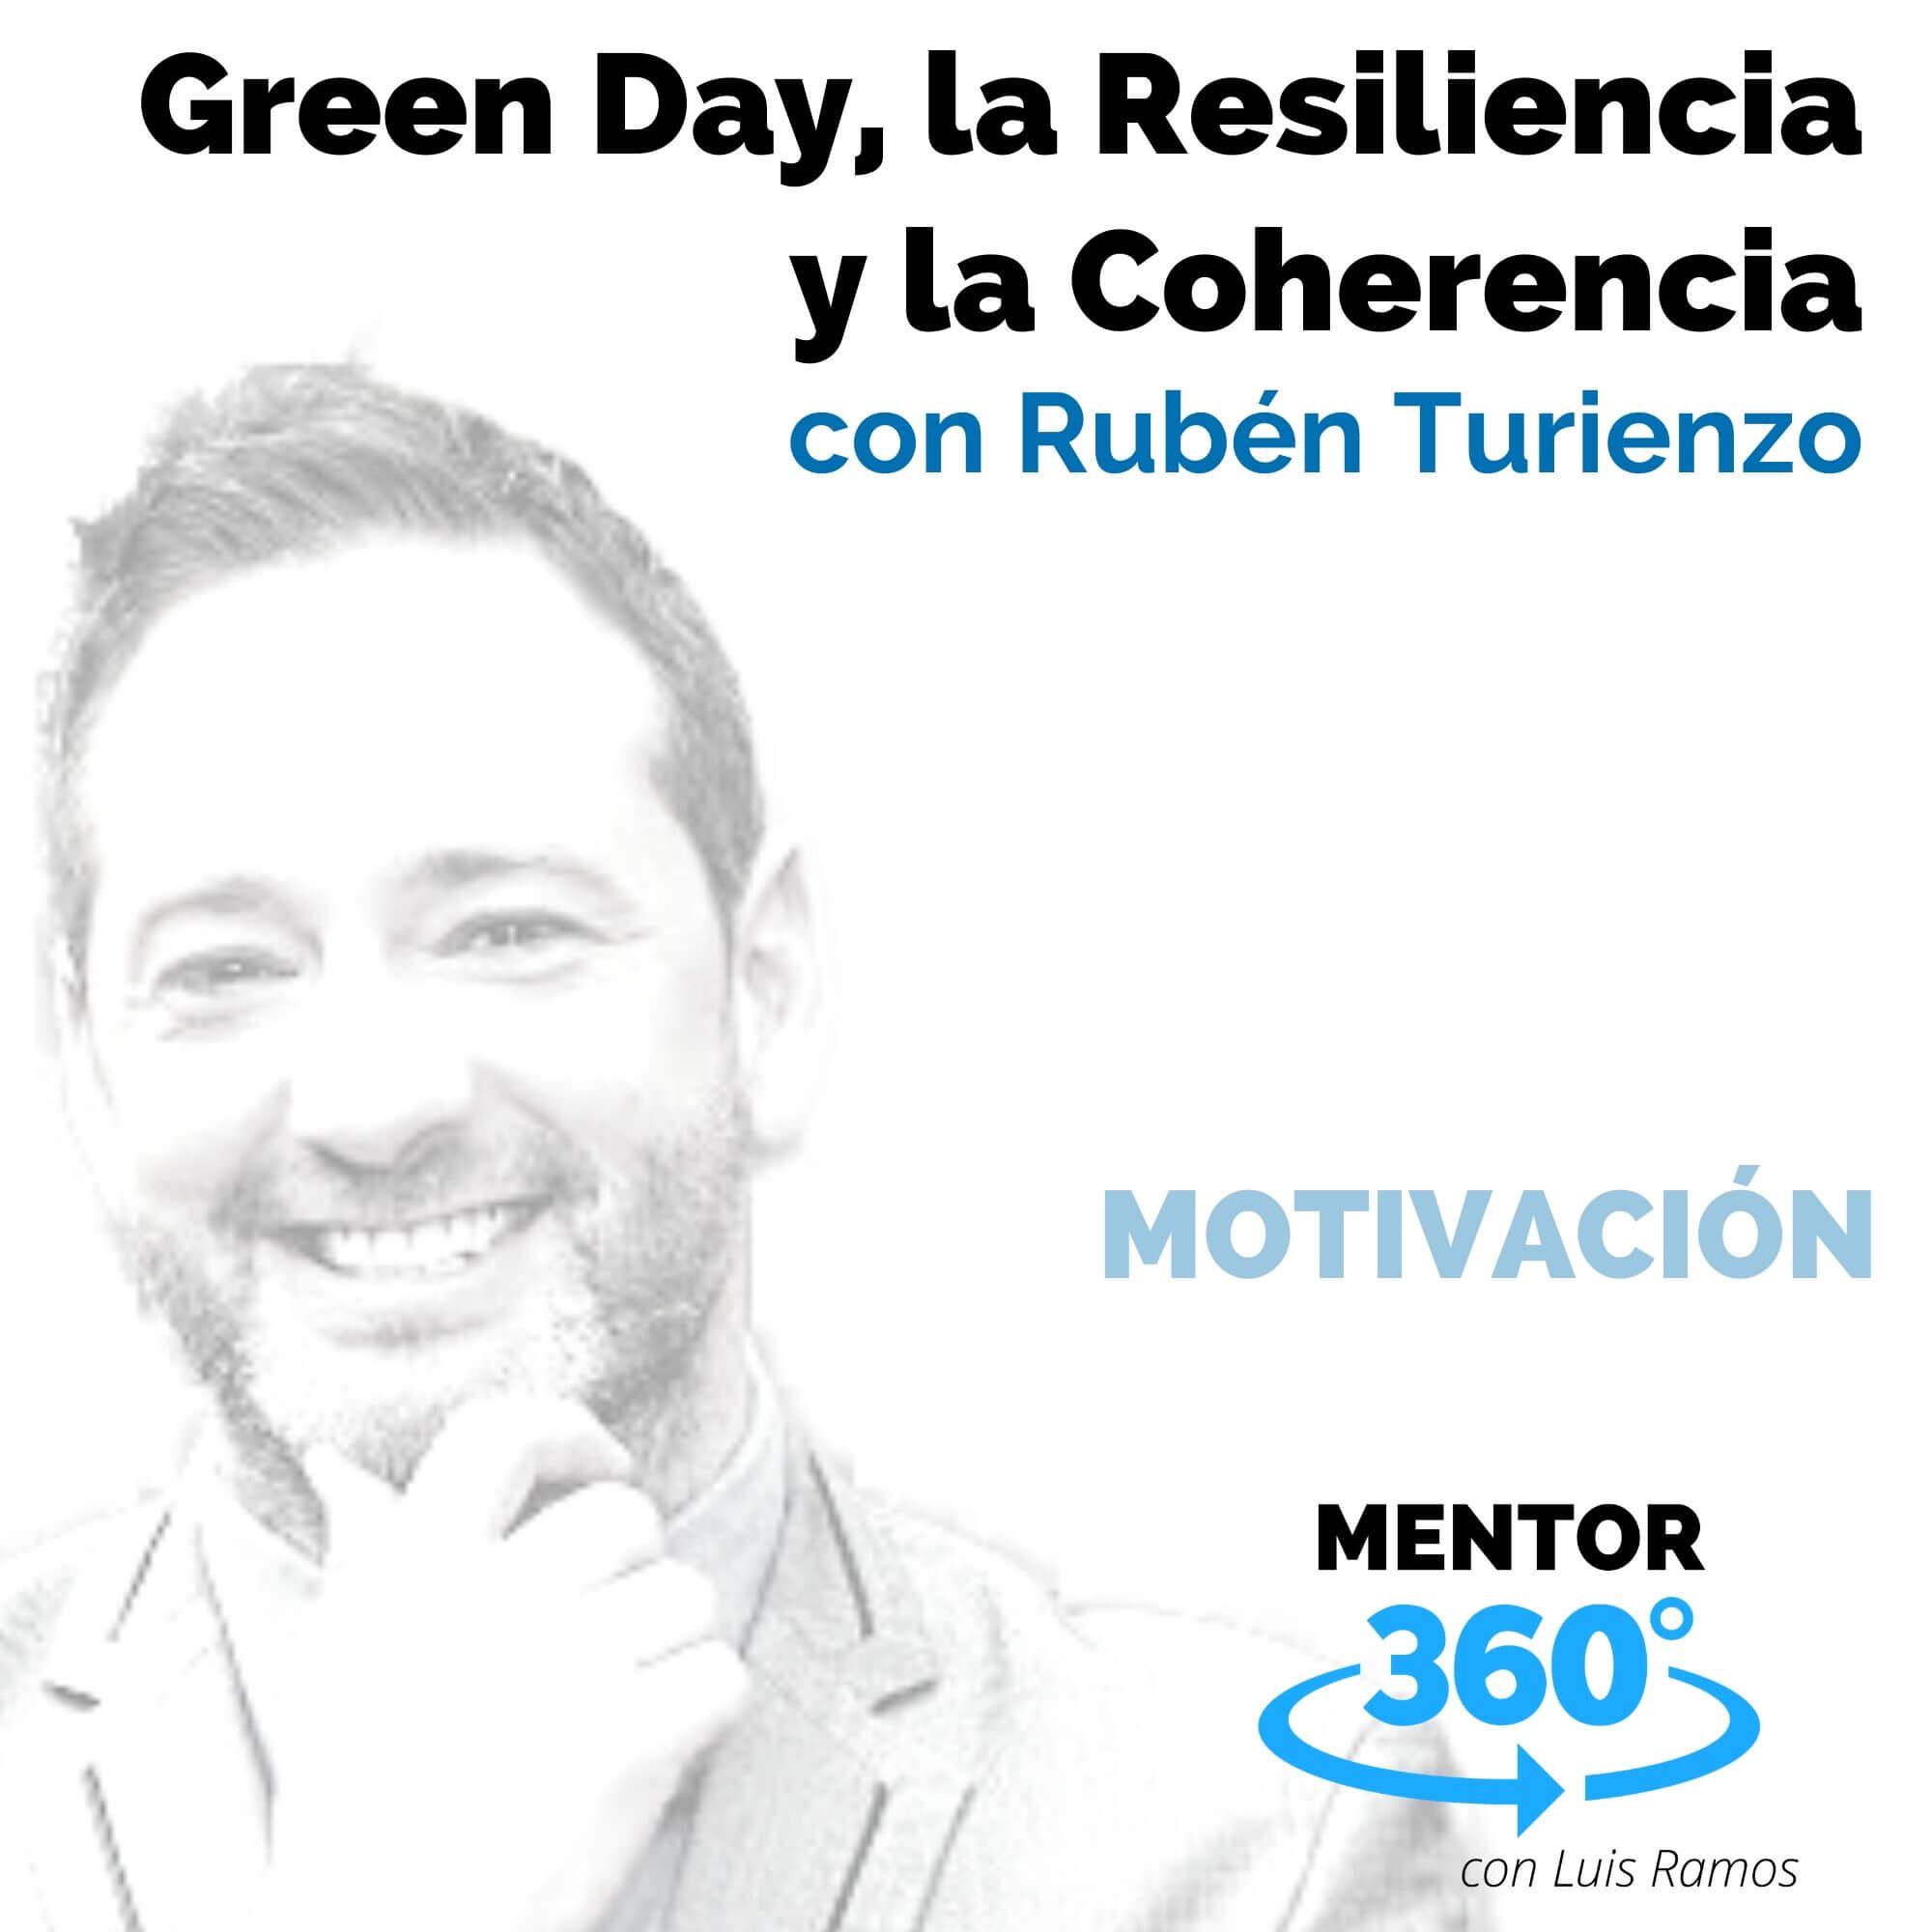 Green Day, la Resiliencia y la Coherencia, con Rubén Turienzo - MENTOR360